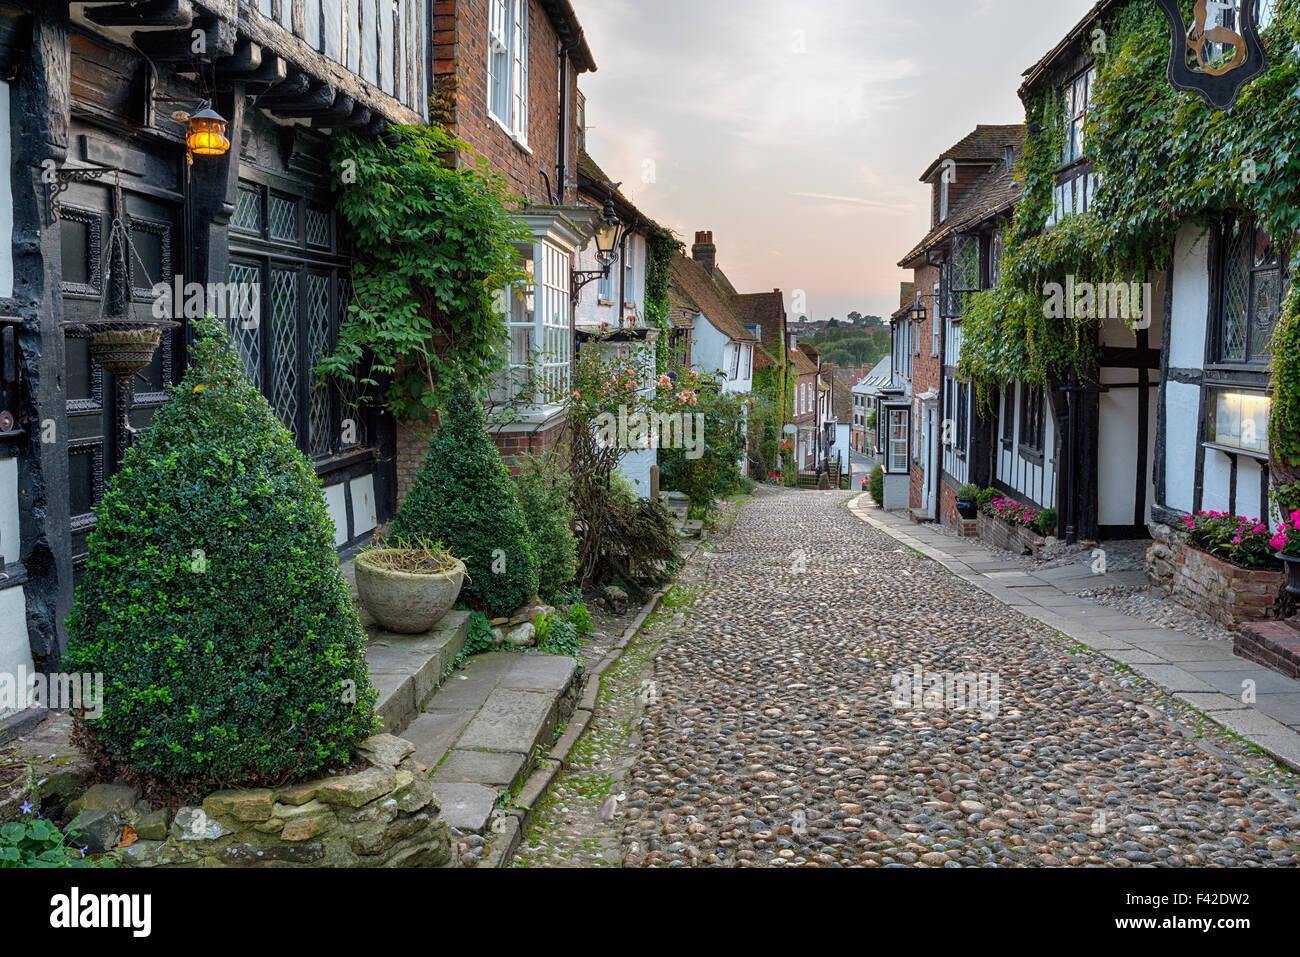 Belles maisons à colombages dans une rue pavée à Rye dans l'East Sussex Photo Stock